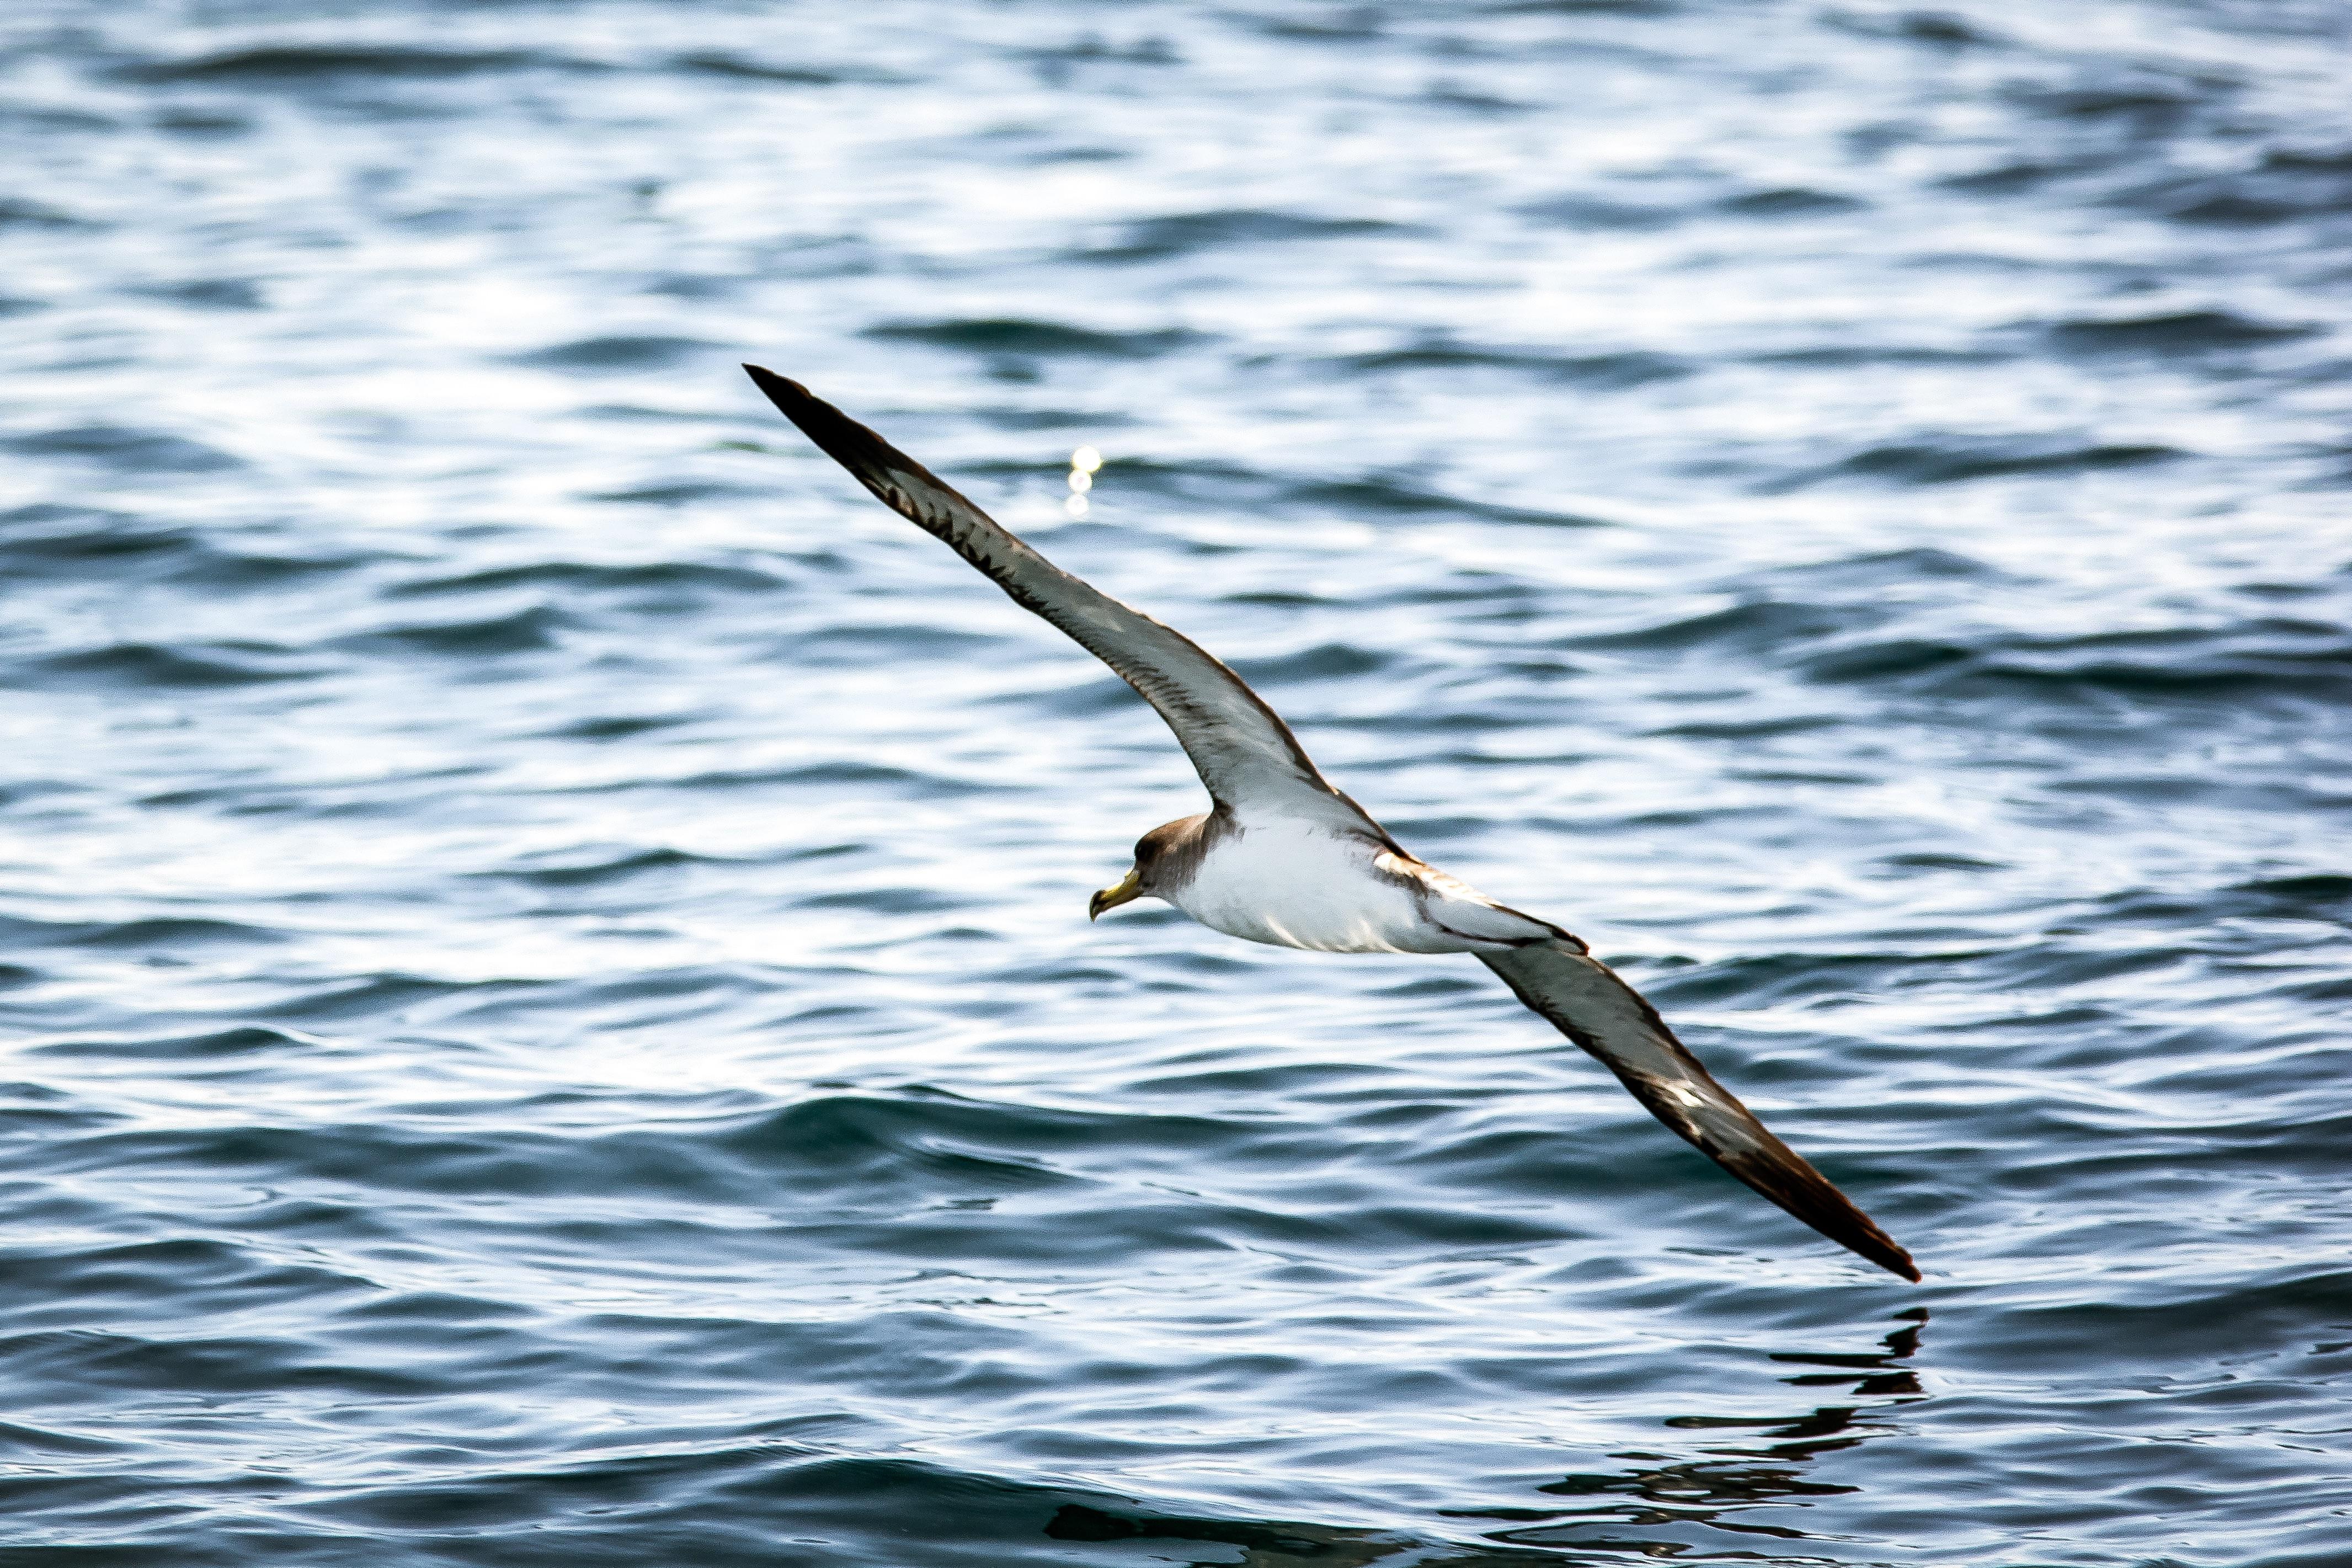 сама фото морских чаек в полете живое существо, требующее